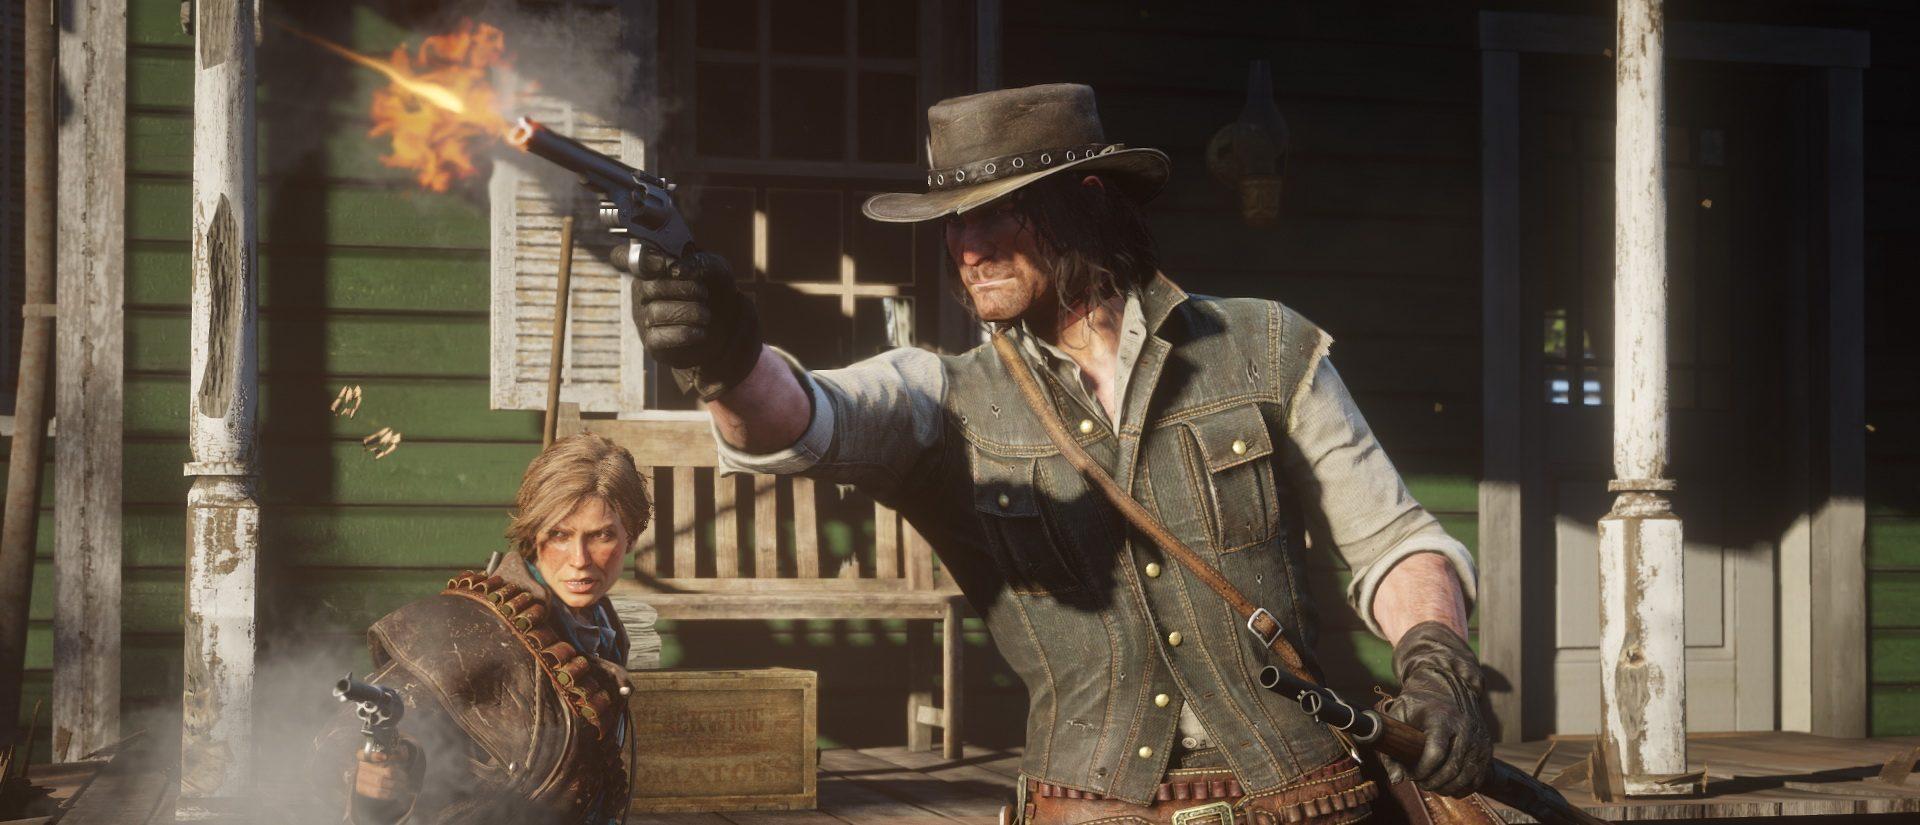 Red Dead Redemption 2 bietet über 50 Waffen, die Ihr pflegen sollt